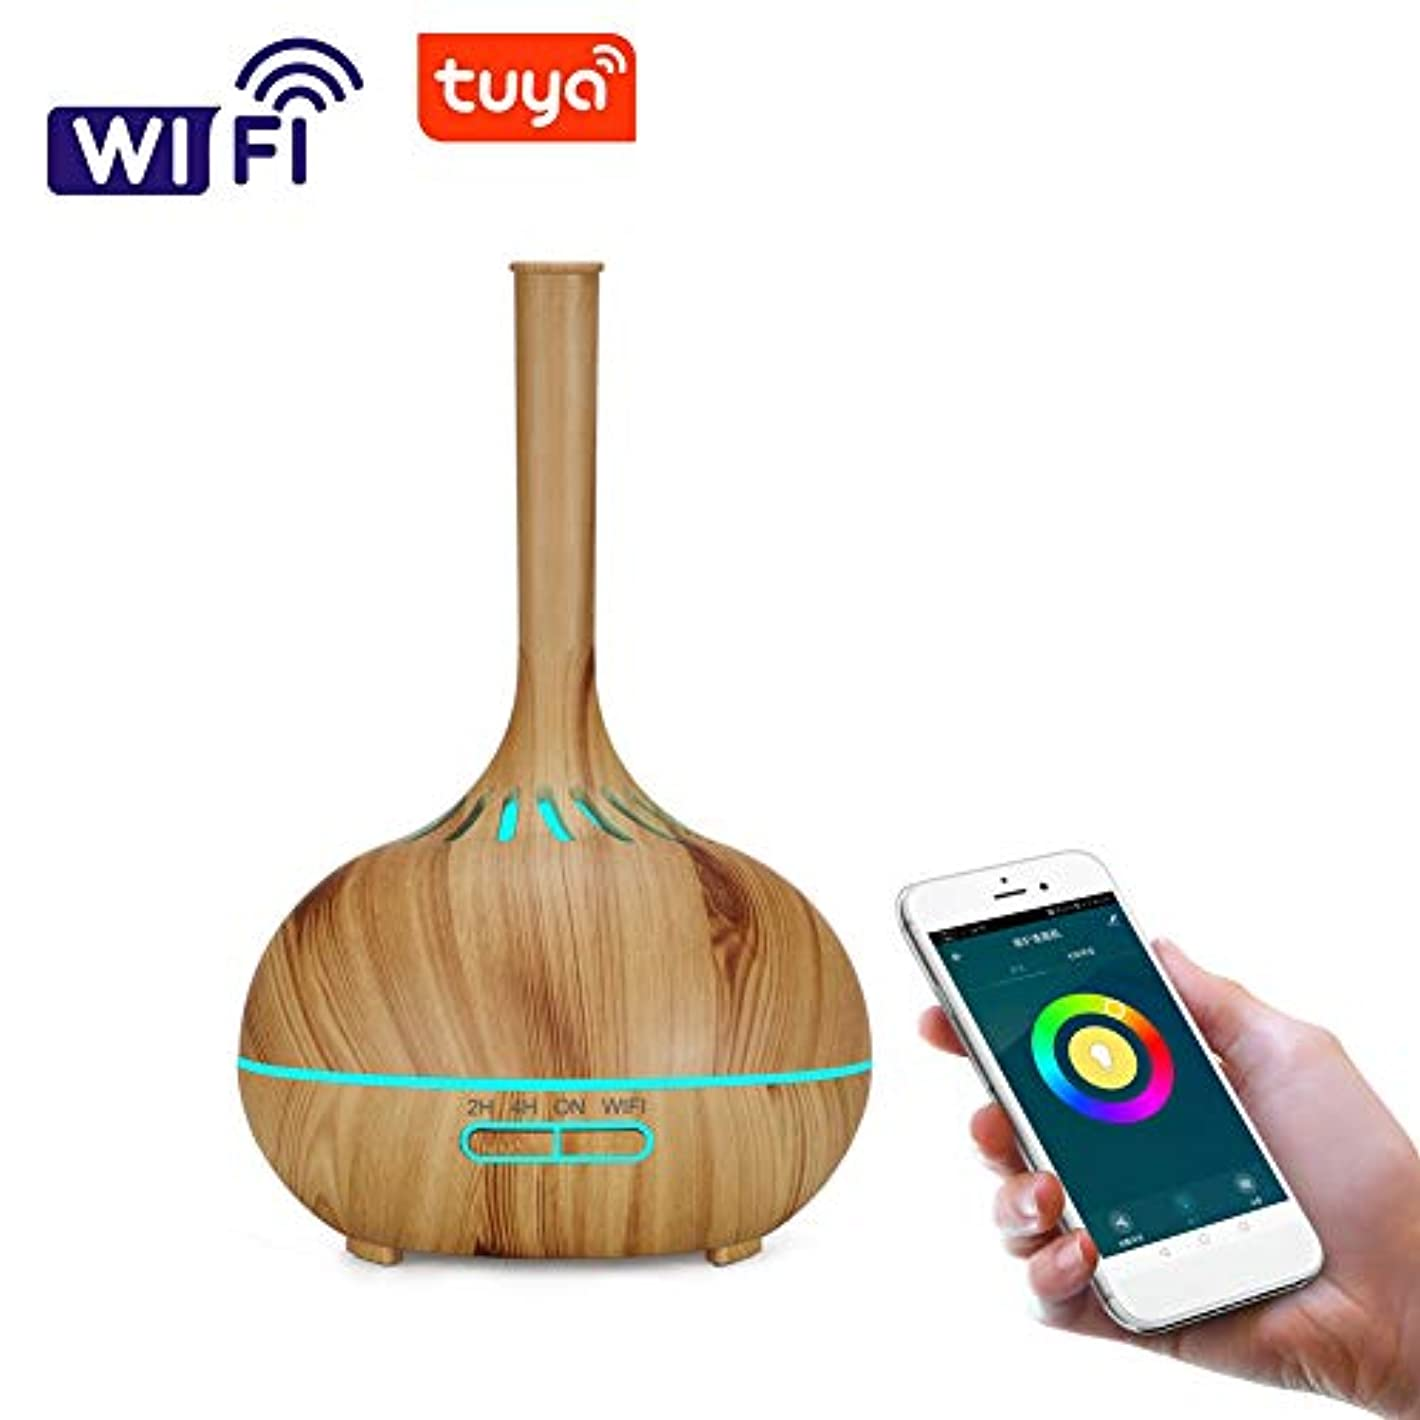 カウント高架マラドロイト木目 涼しい霧 超音波式 加湿器,wifi 7 色 香り 精油 ディフューザー 調整可能 空気加湿器 アロマネブライザー ホーム Yoga オフィス- 400ml